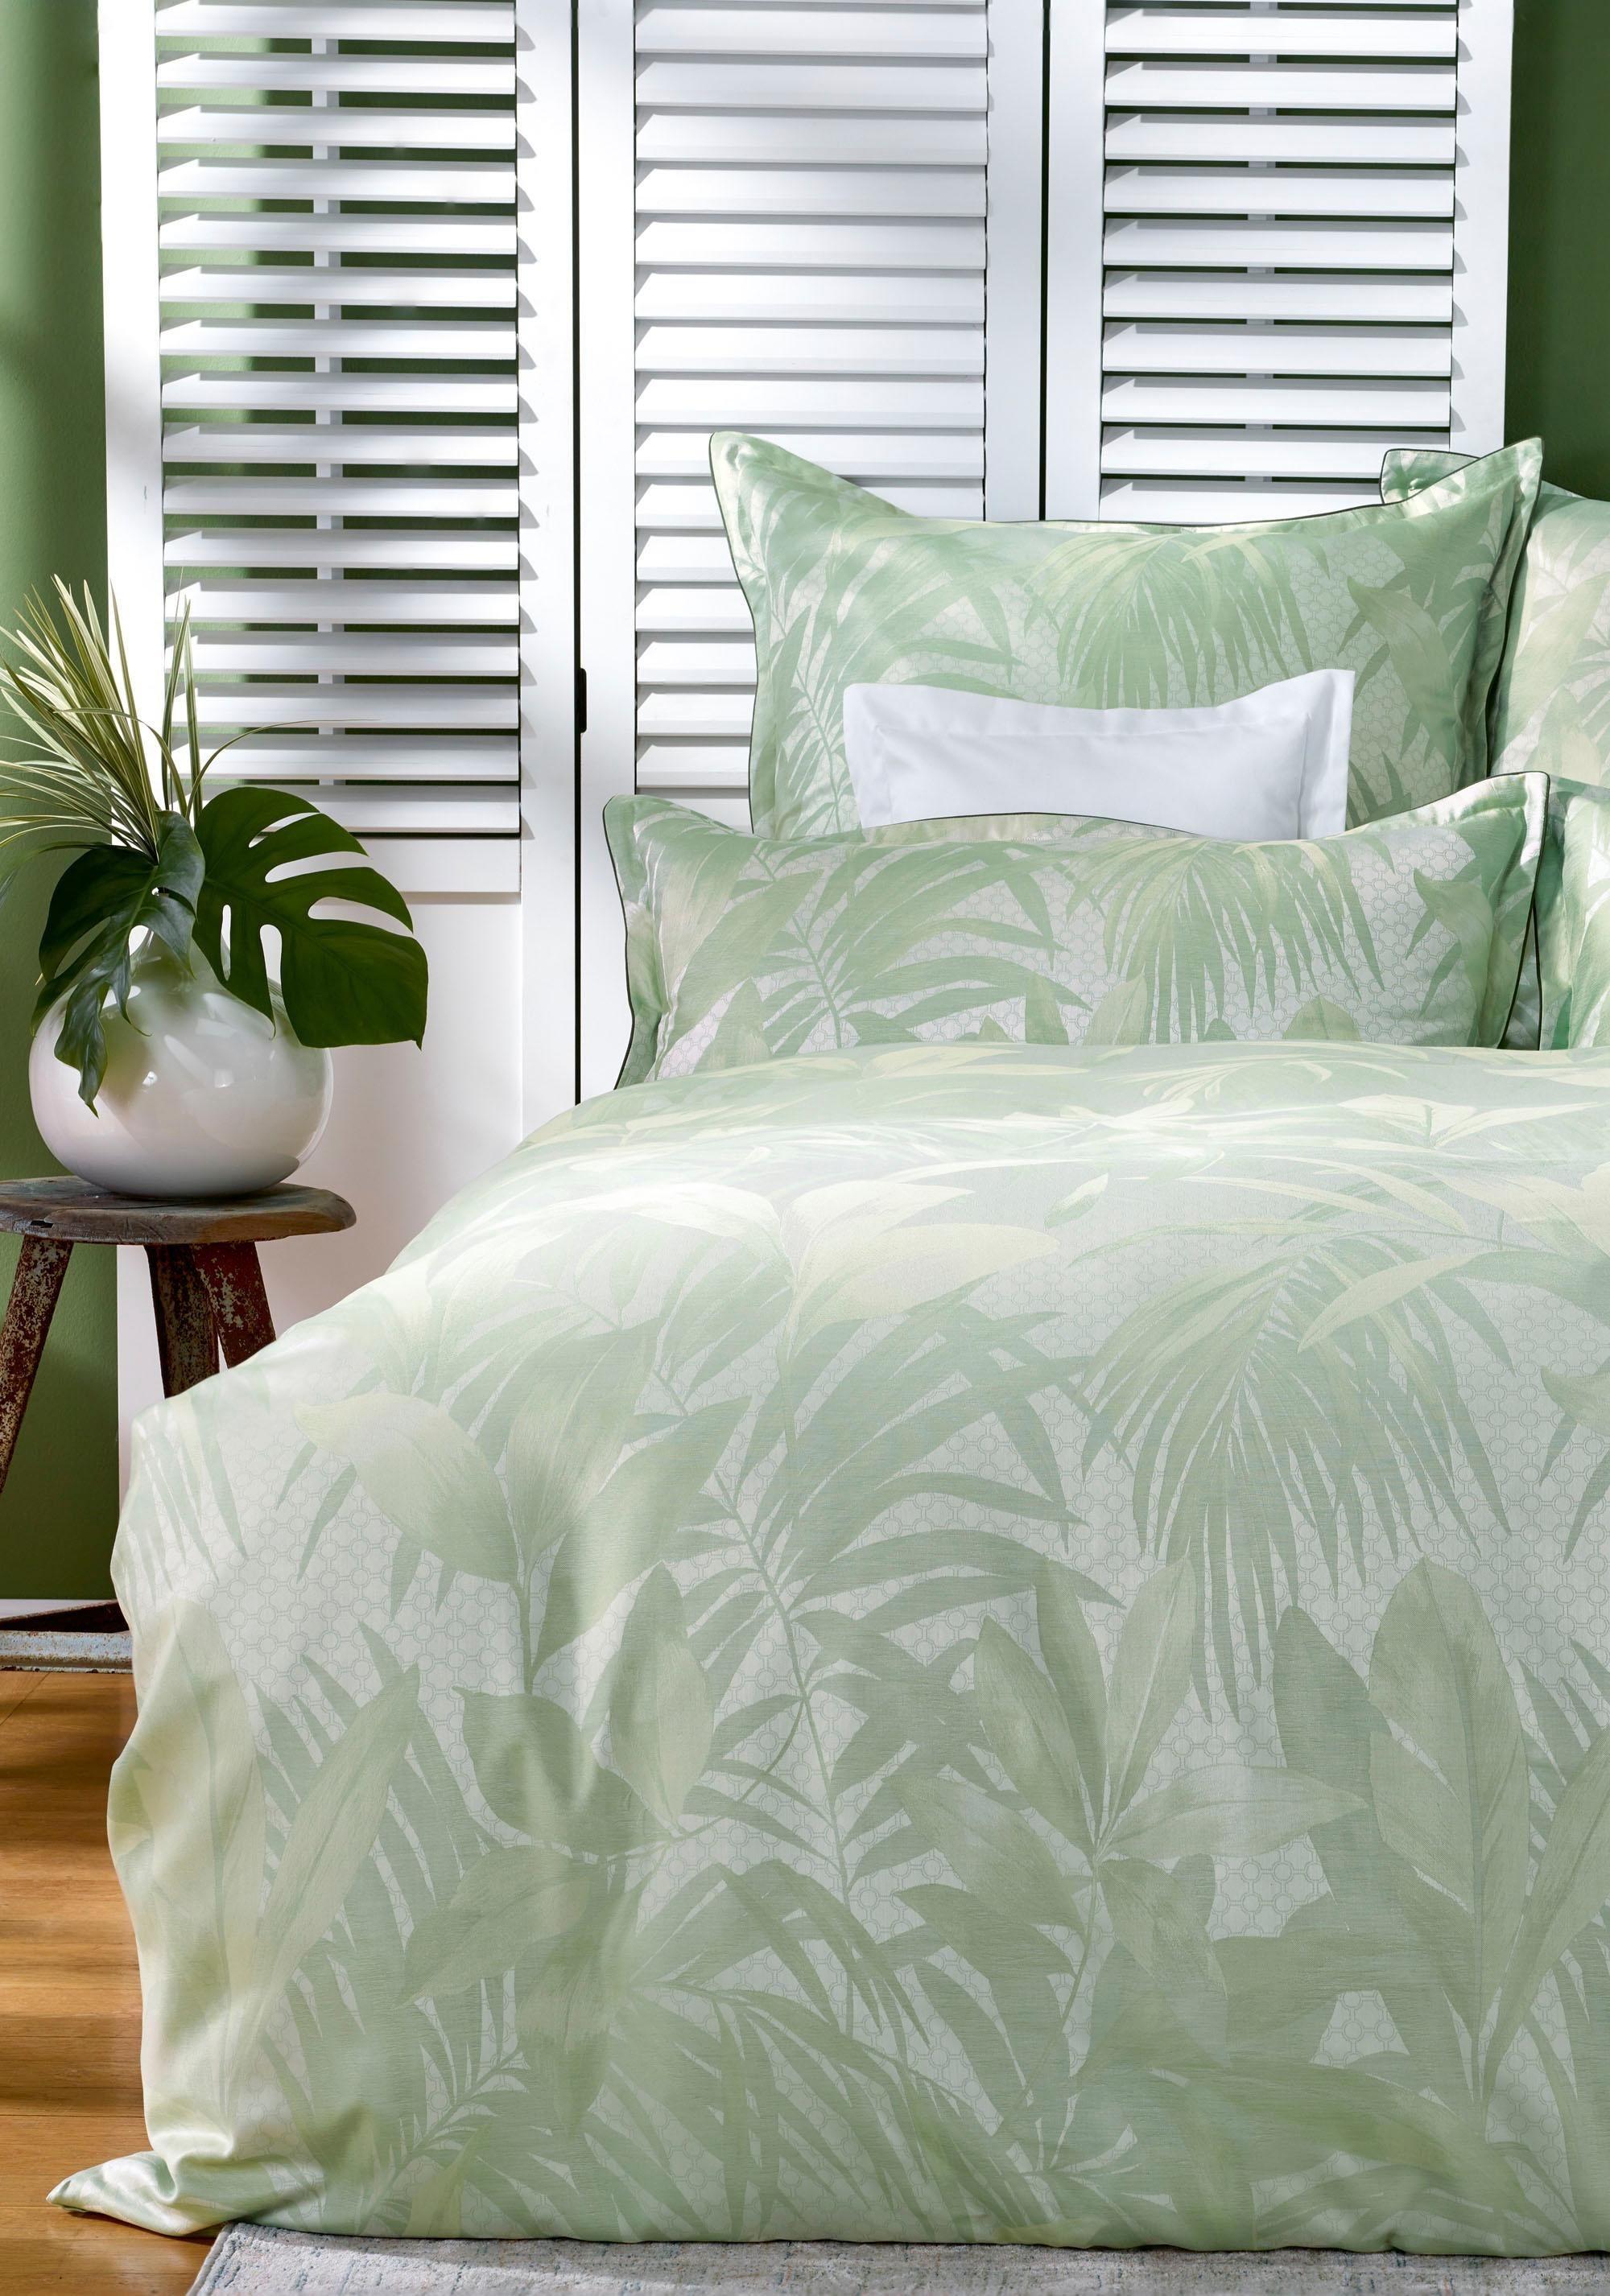 Bettwäsche Grün Preisvergleich Die Besten Angebote Online Kaufen